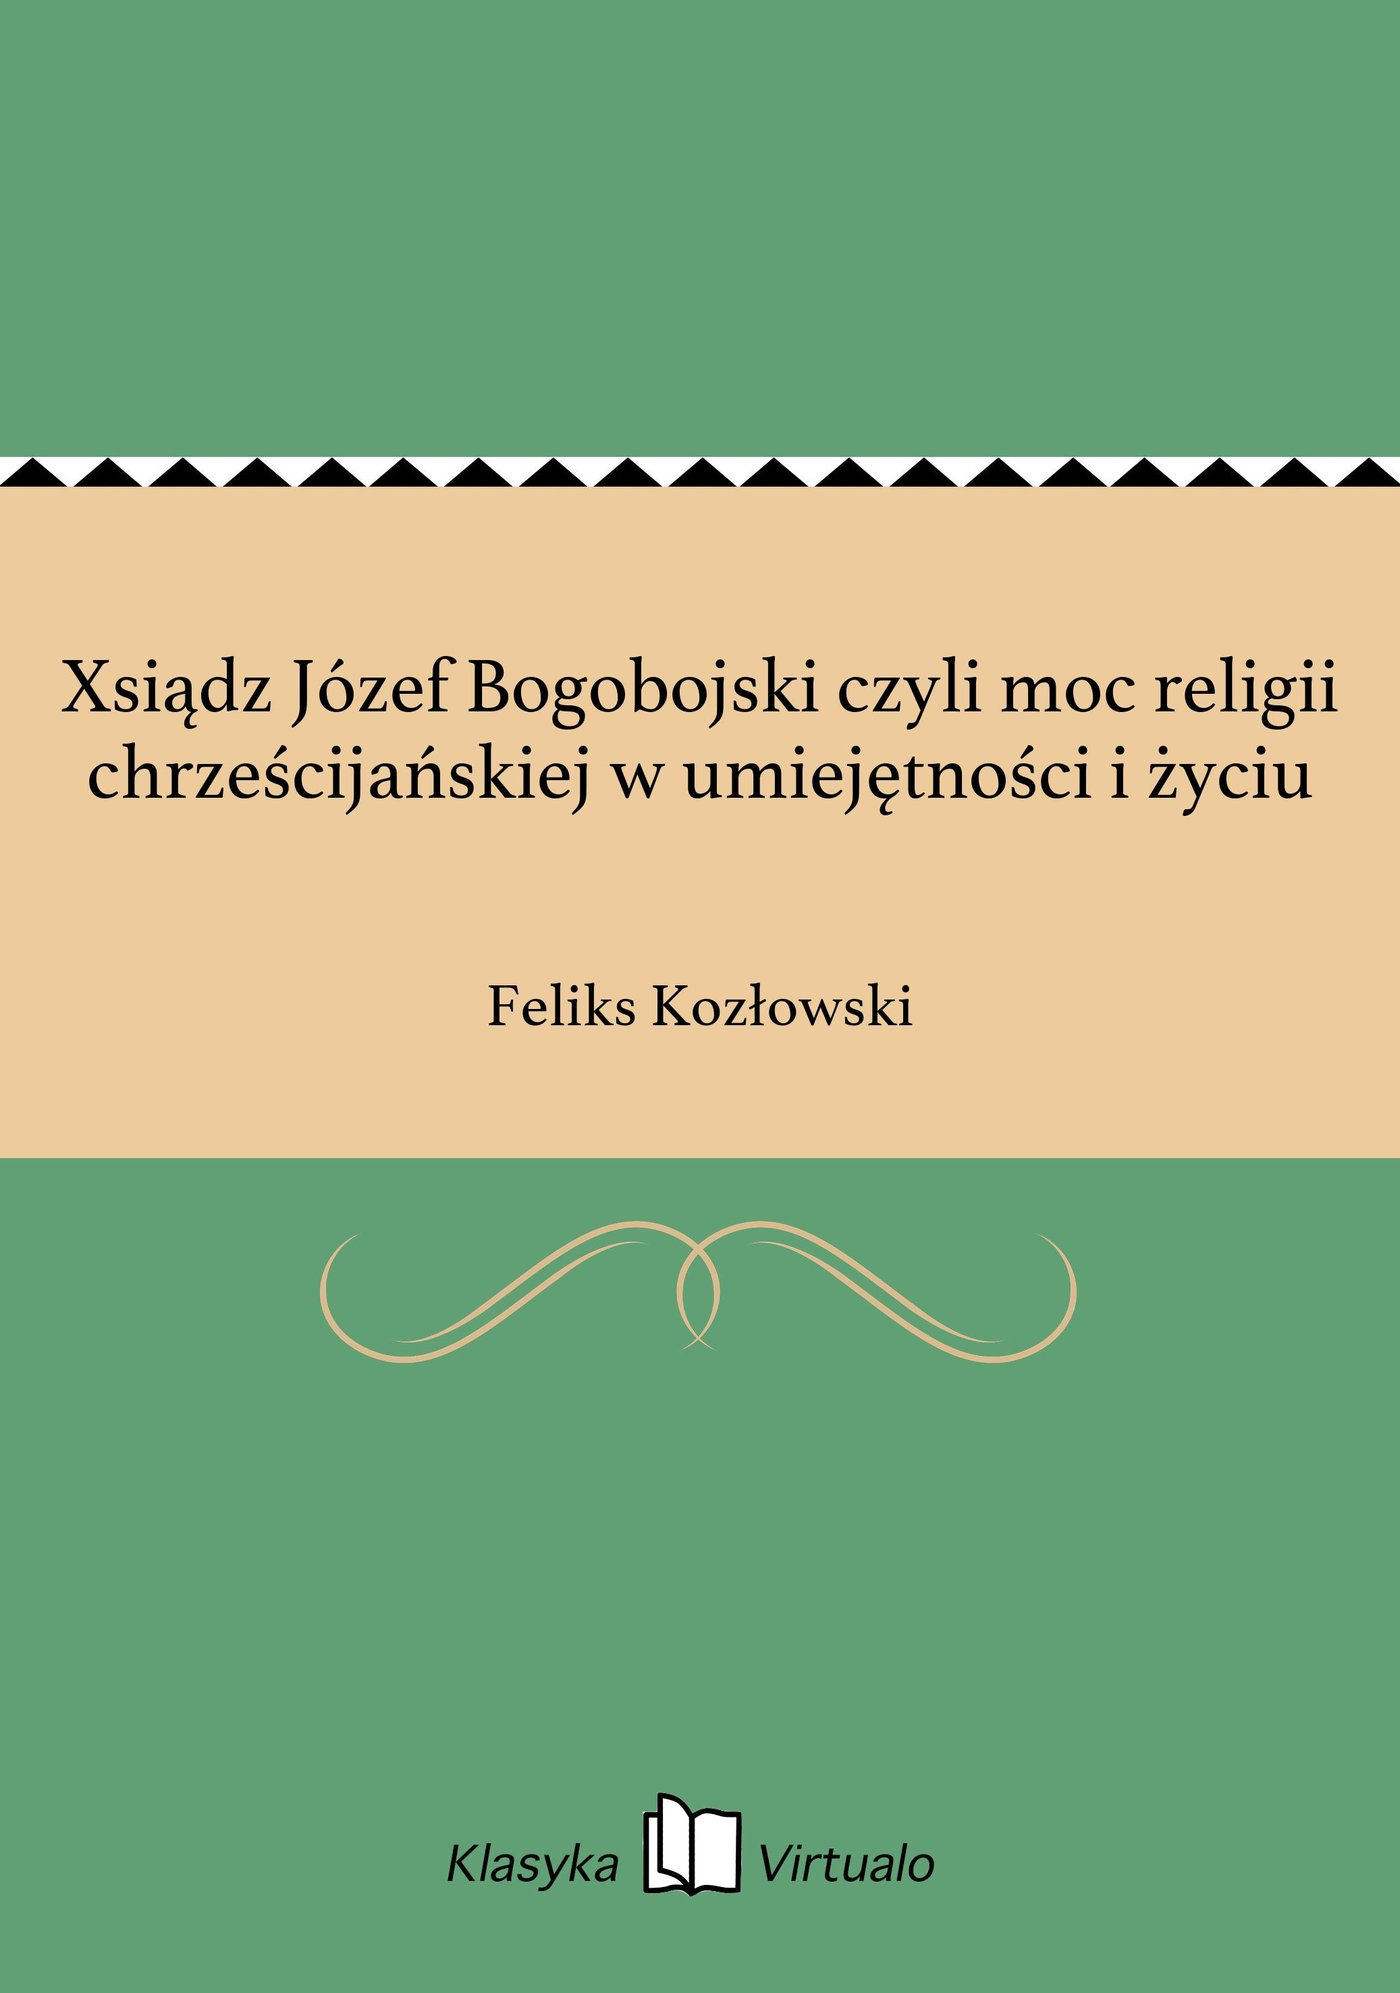 Xsiądz Józef Bogobojski czyli moc religii chrześcijańskiej w umiejętności i życiu - Ebook (Książka EPUB) do pobrania w formacie EPUB